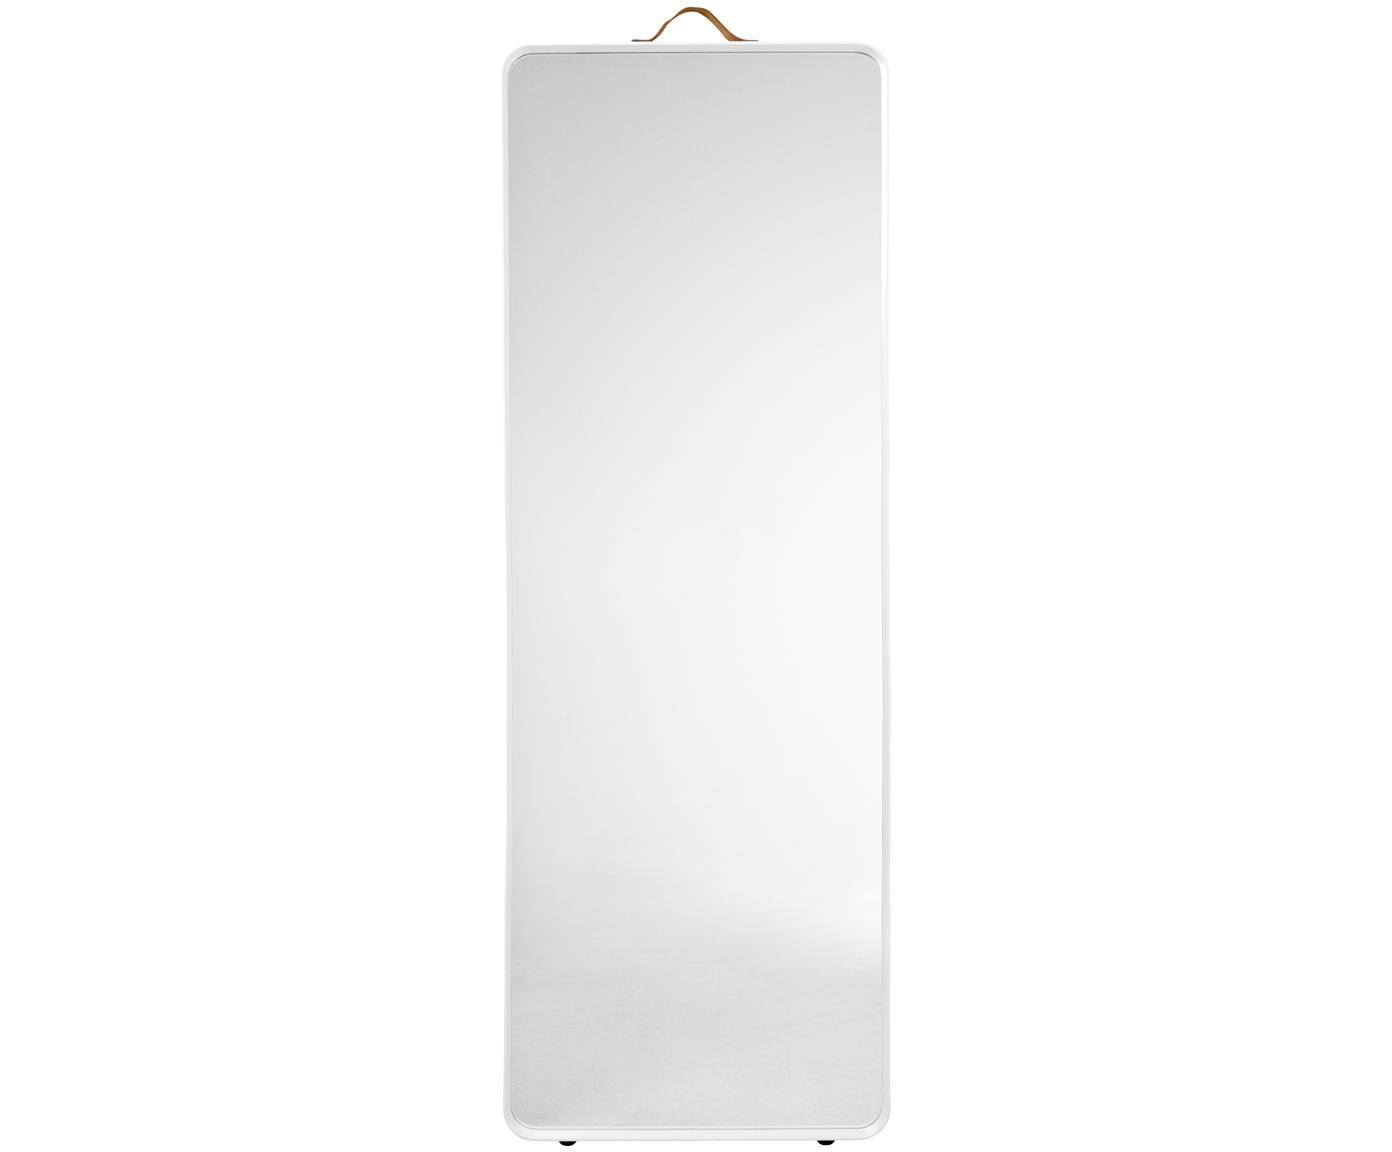 Wandspiegel Norm, Rahmen: Aluminium, pulverbeschich, Griff: Leder, Weiss, 60 x 170 cm